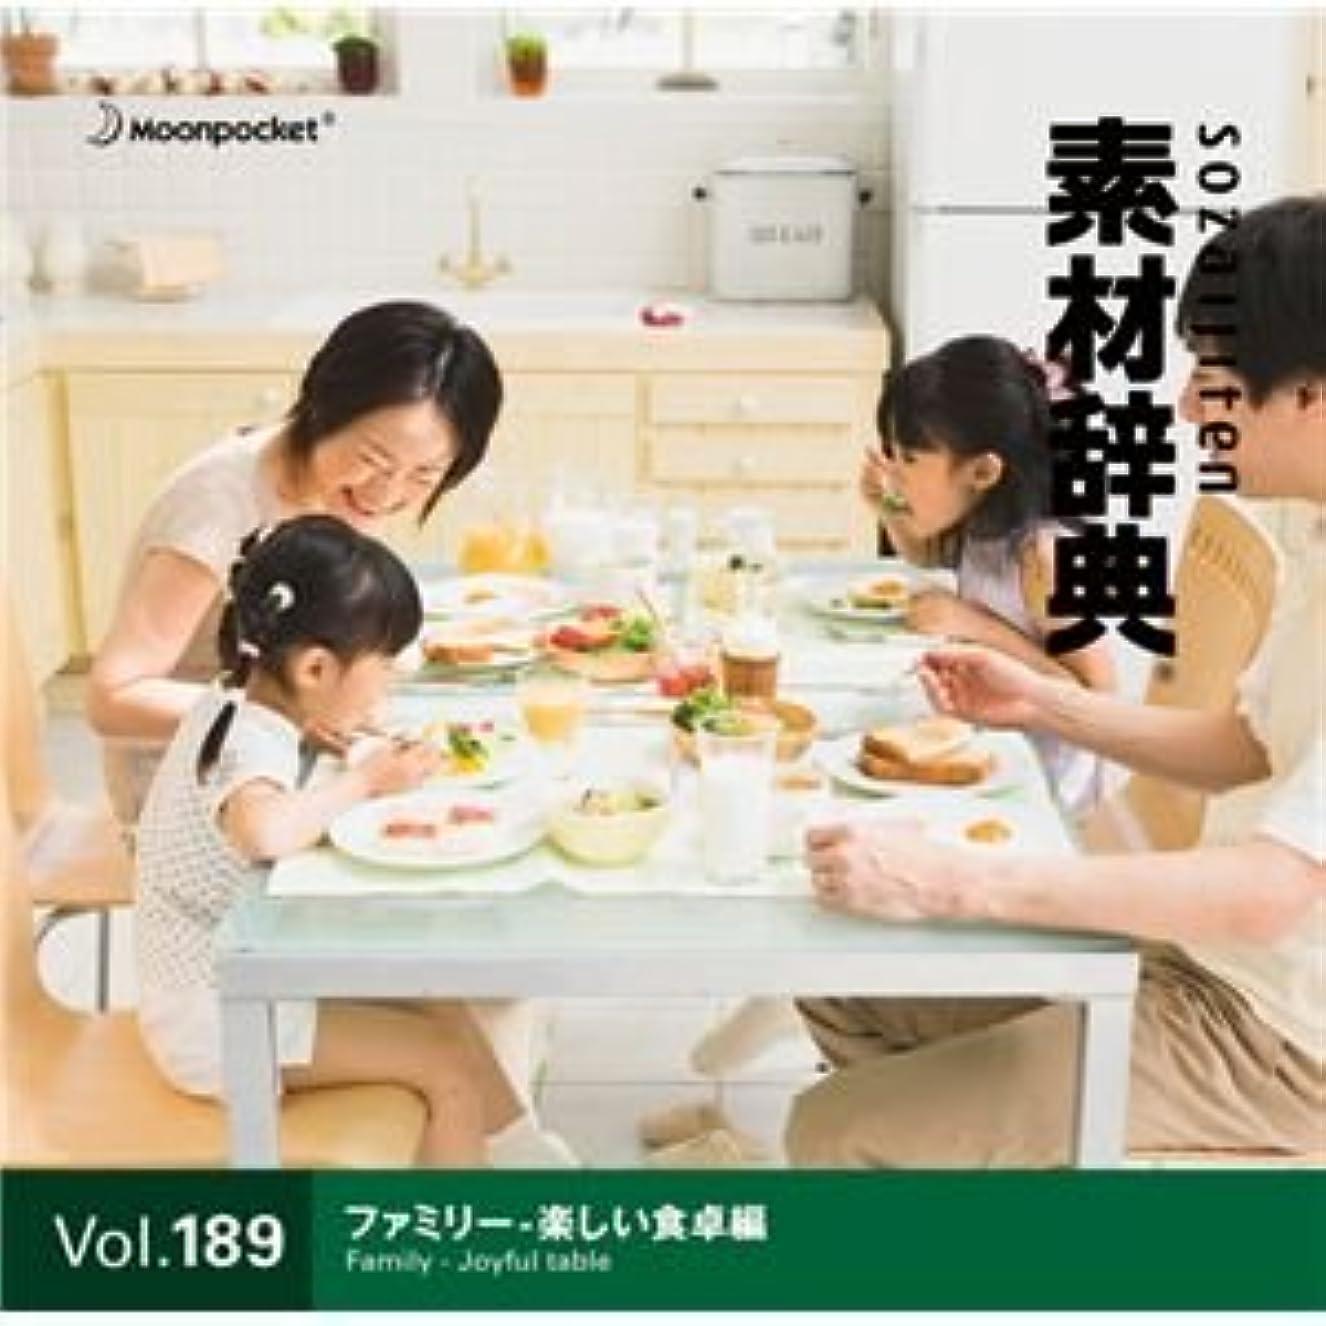 メジャー液化する特性写真素材 素材辞典 Vol.189〈ファミリー-楽しい食卓編〉 ds-68137